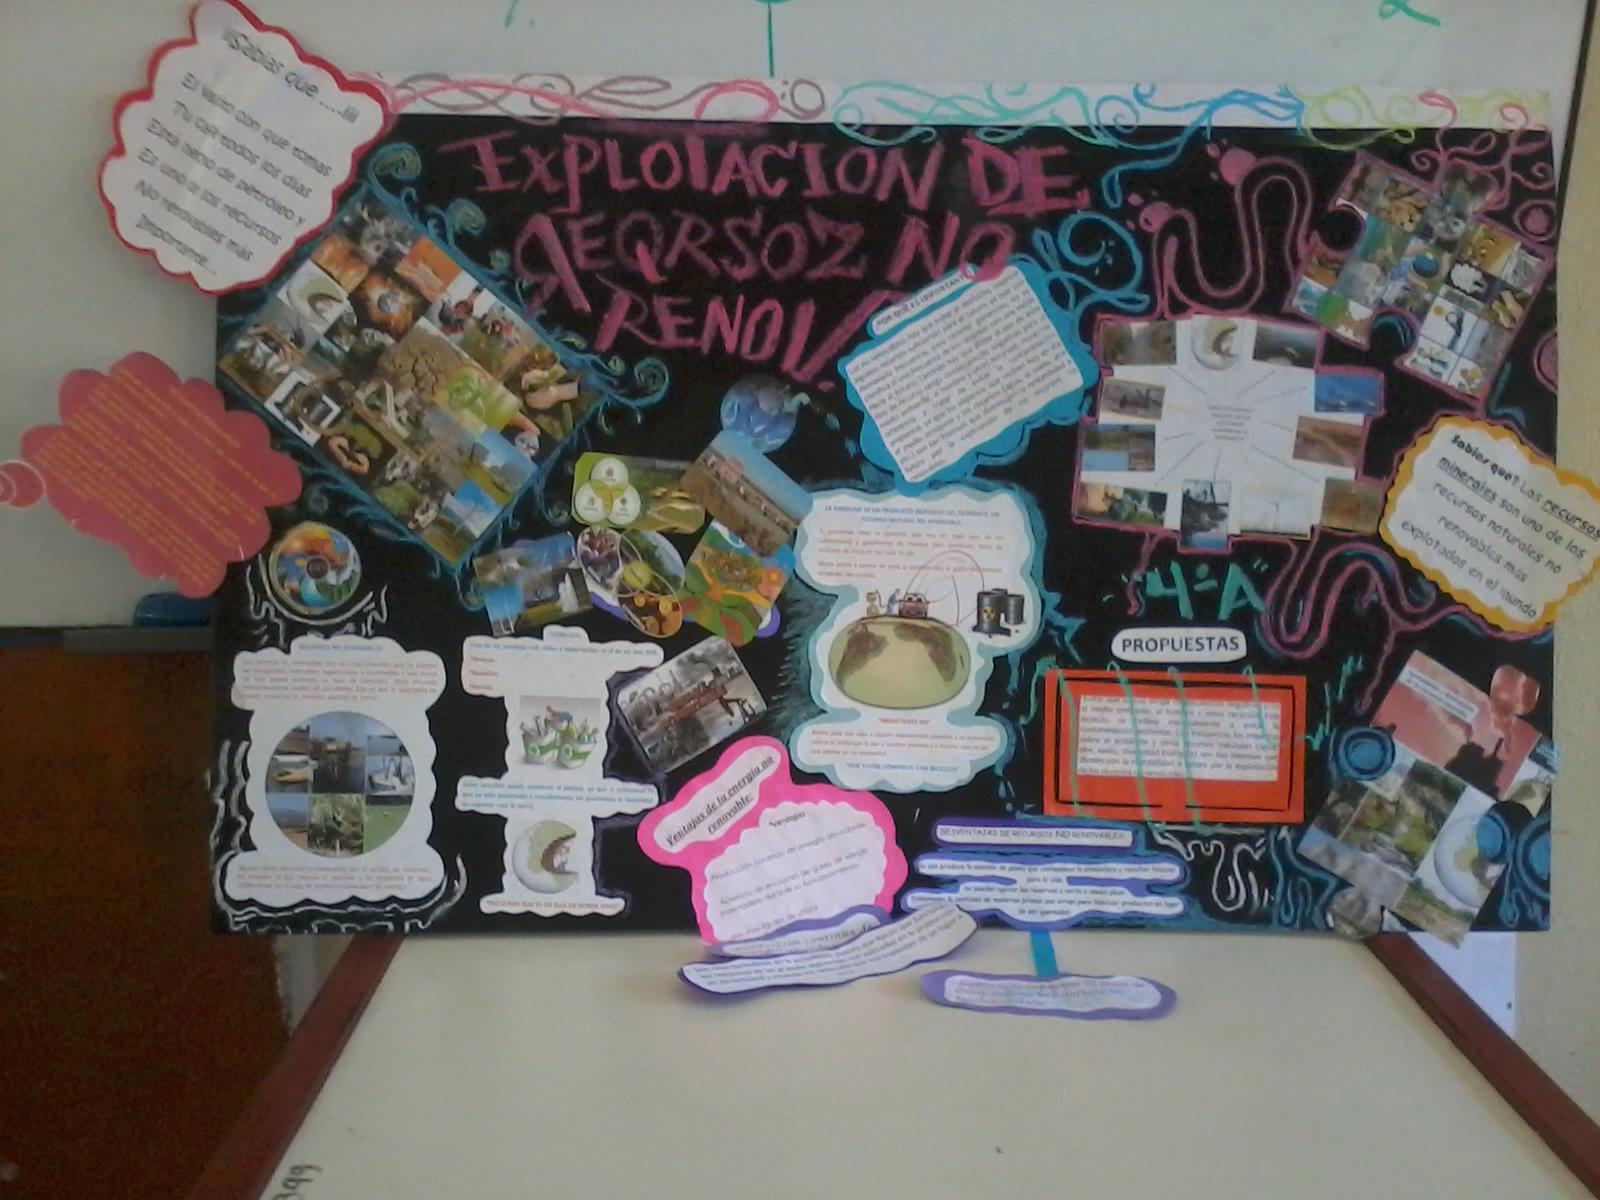 Medio ambiente periodico mural for Componentes de un periodico mural